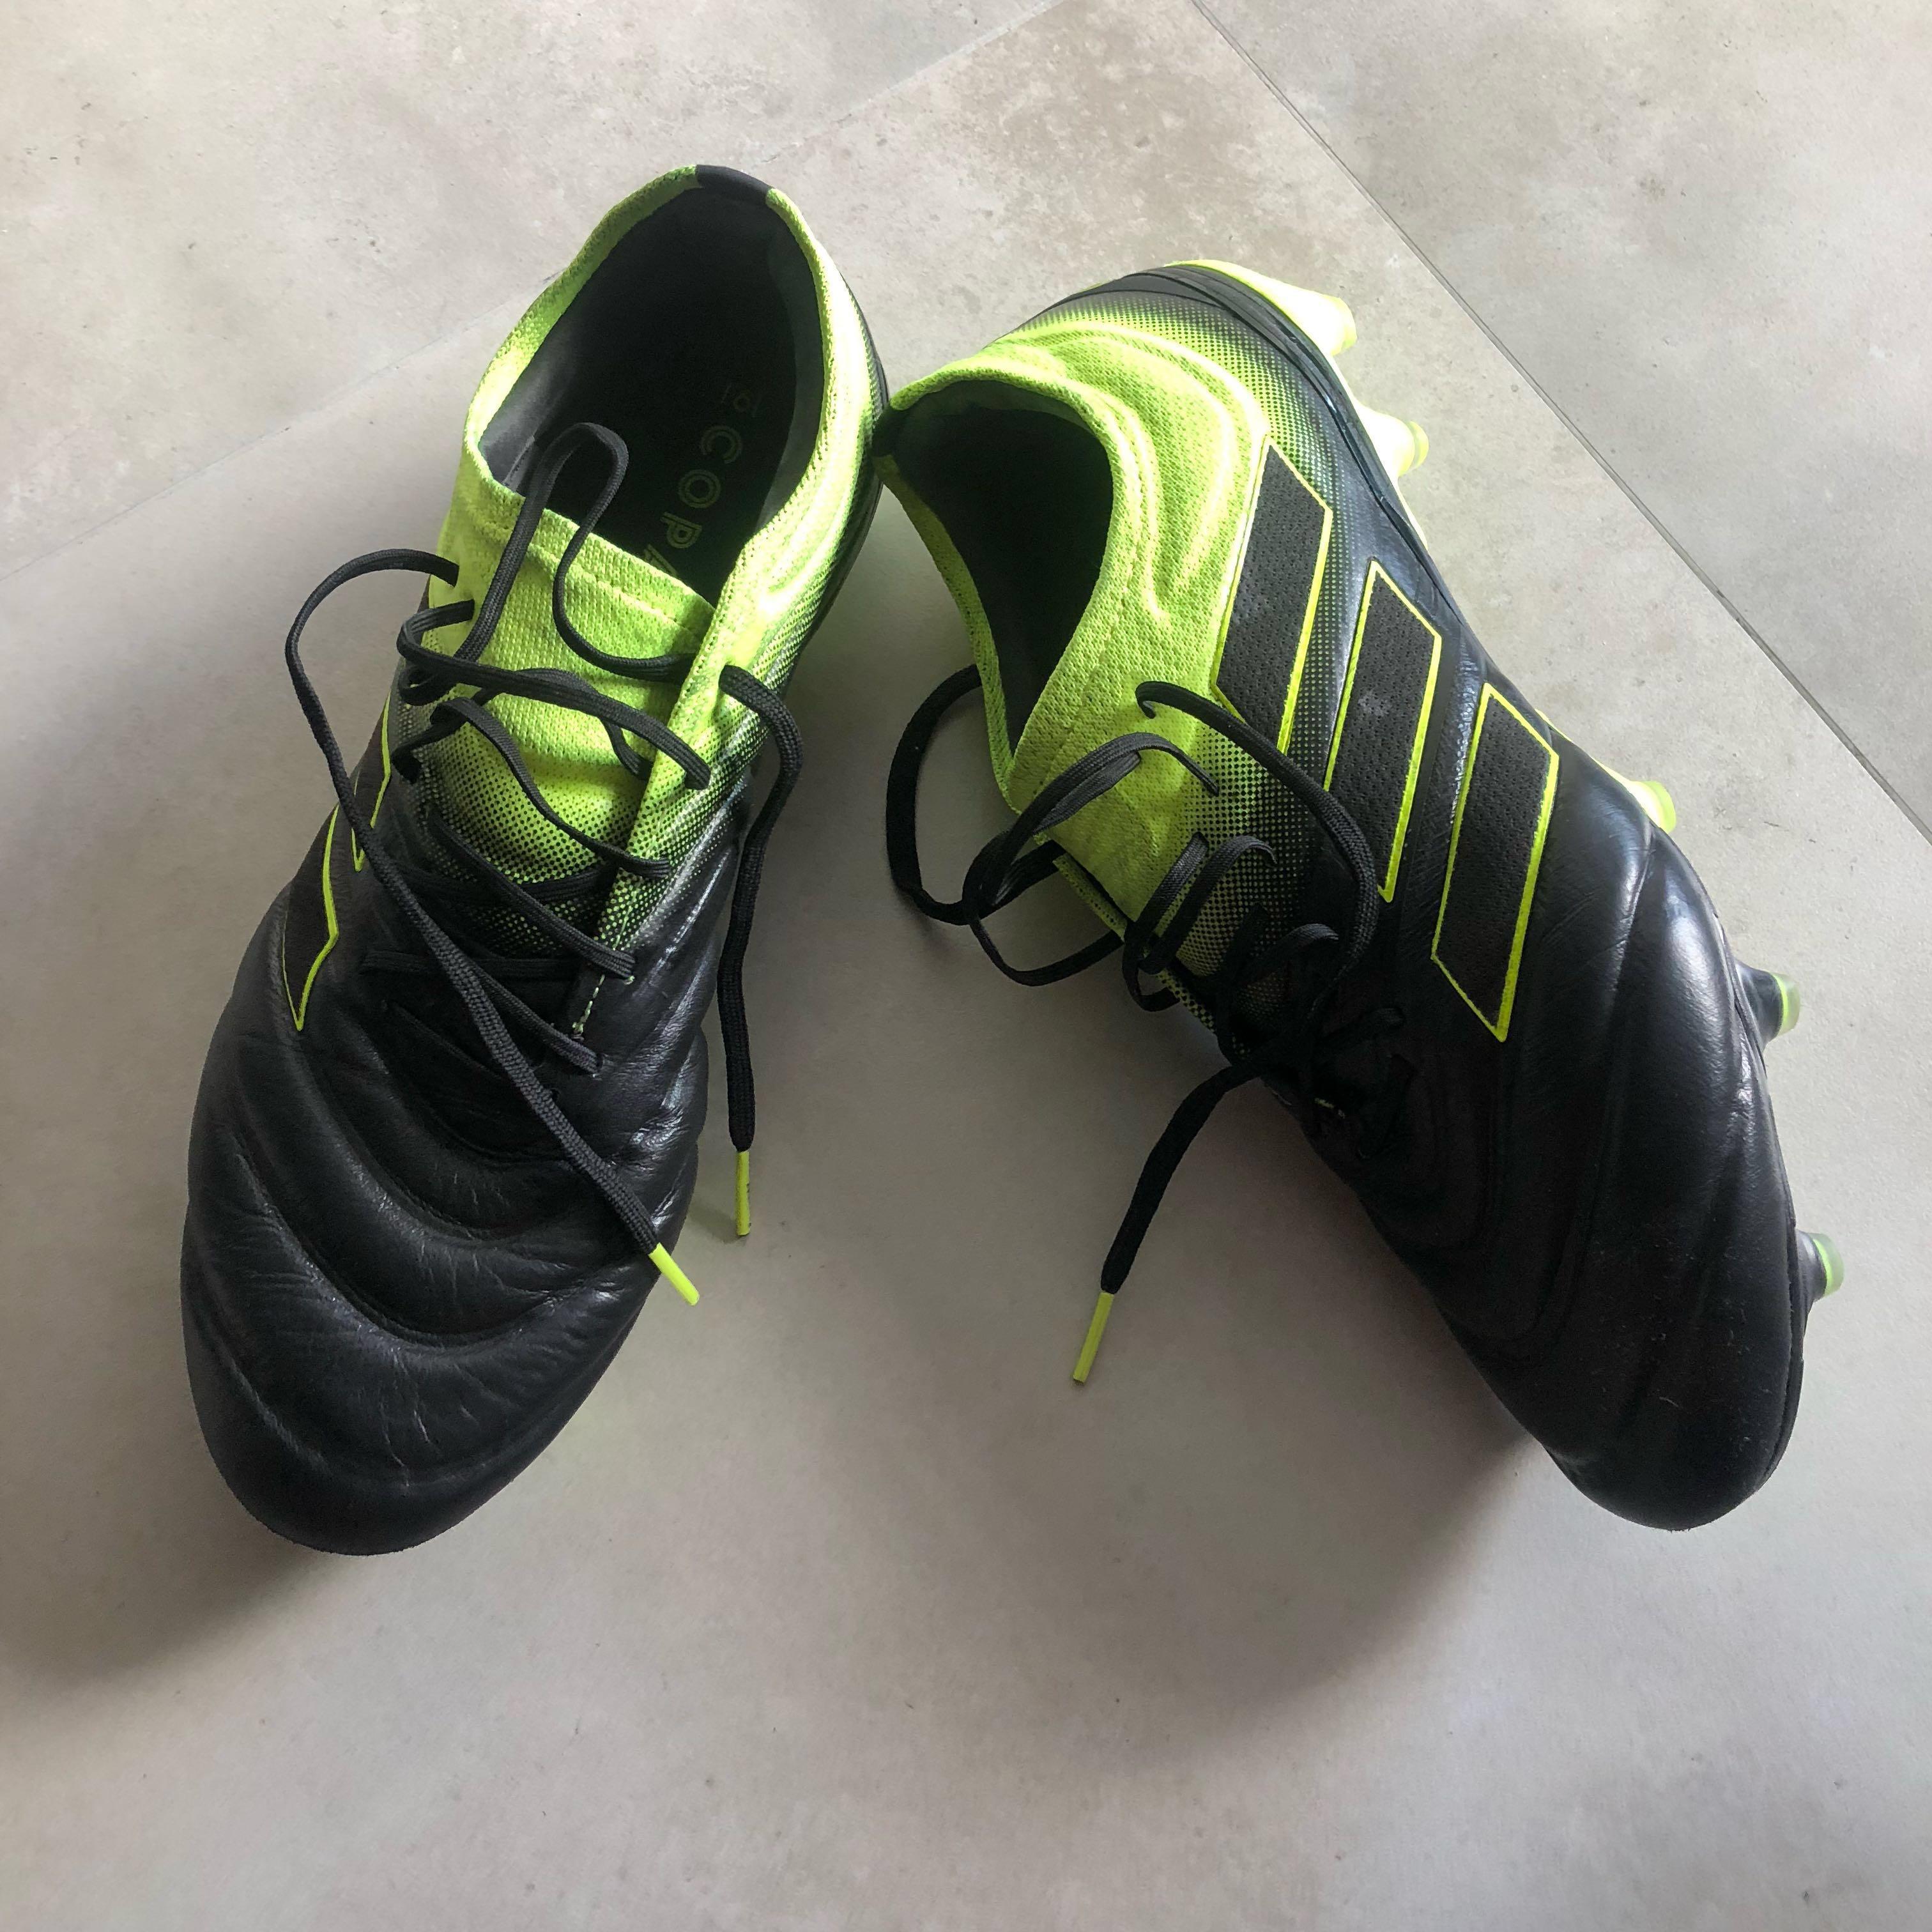 1510f772057 Adidas 19.1 Copa Football Soccer Boots Dybala De Gea